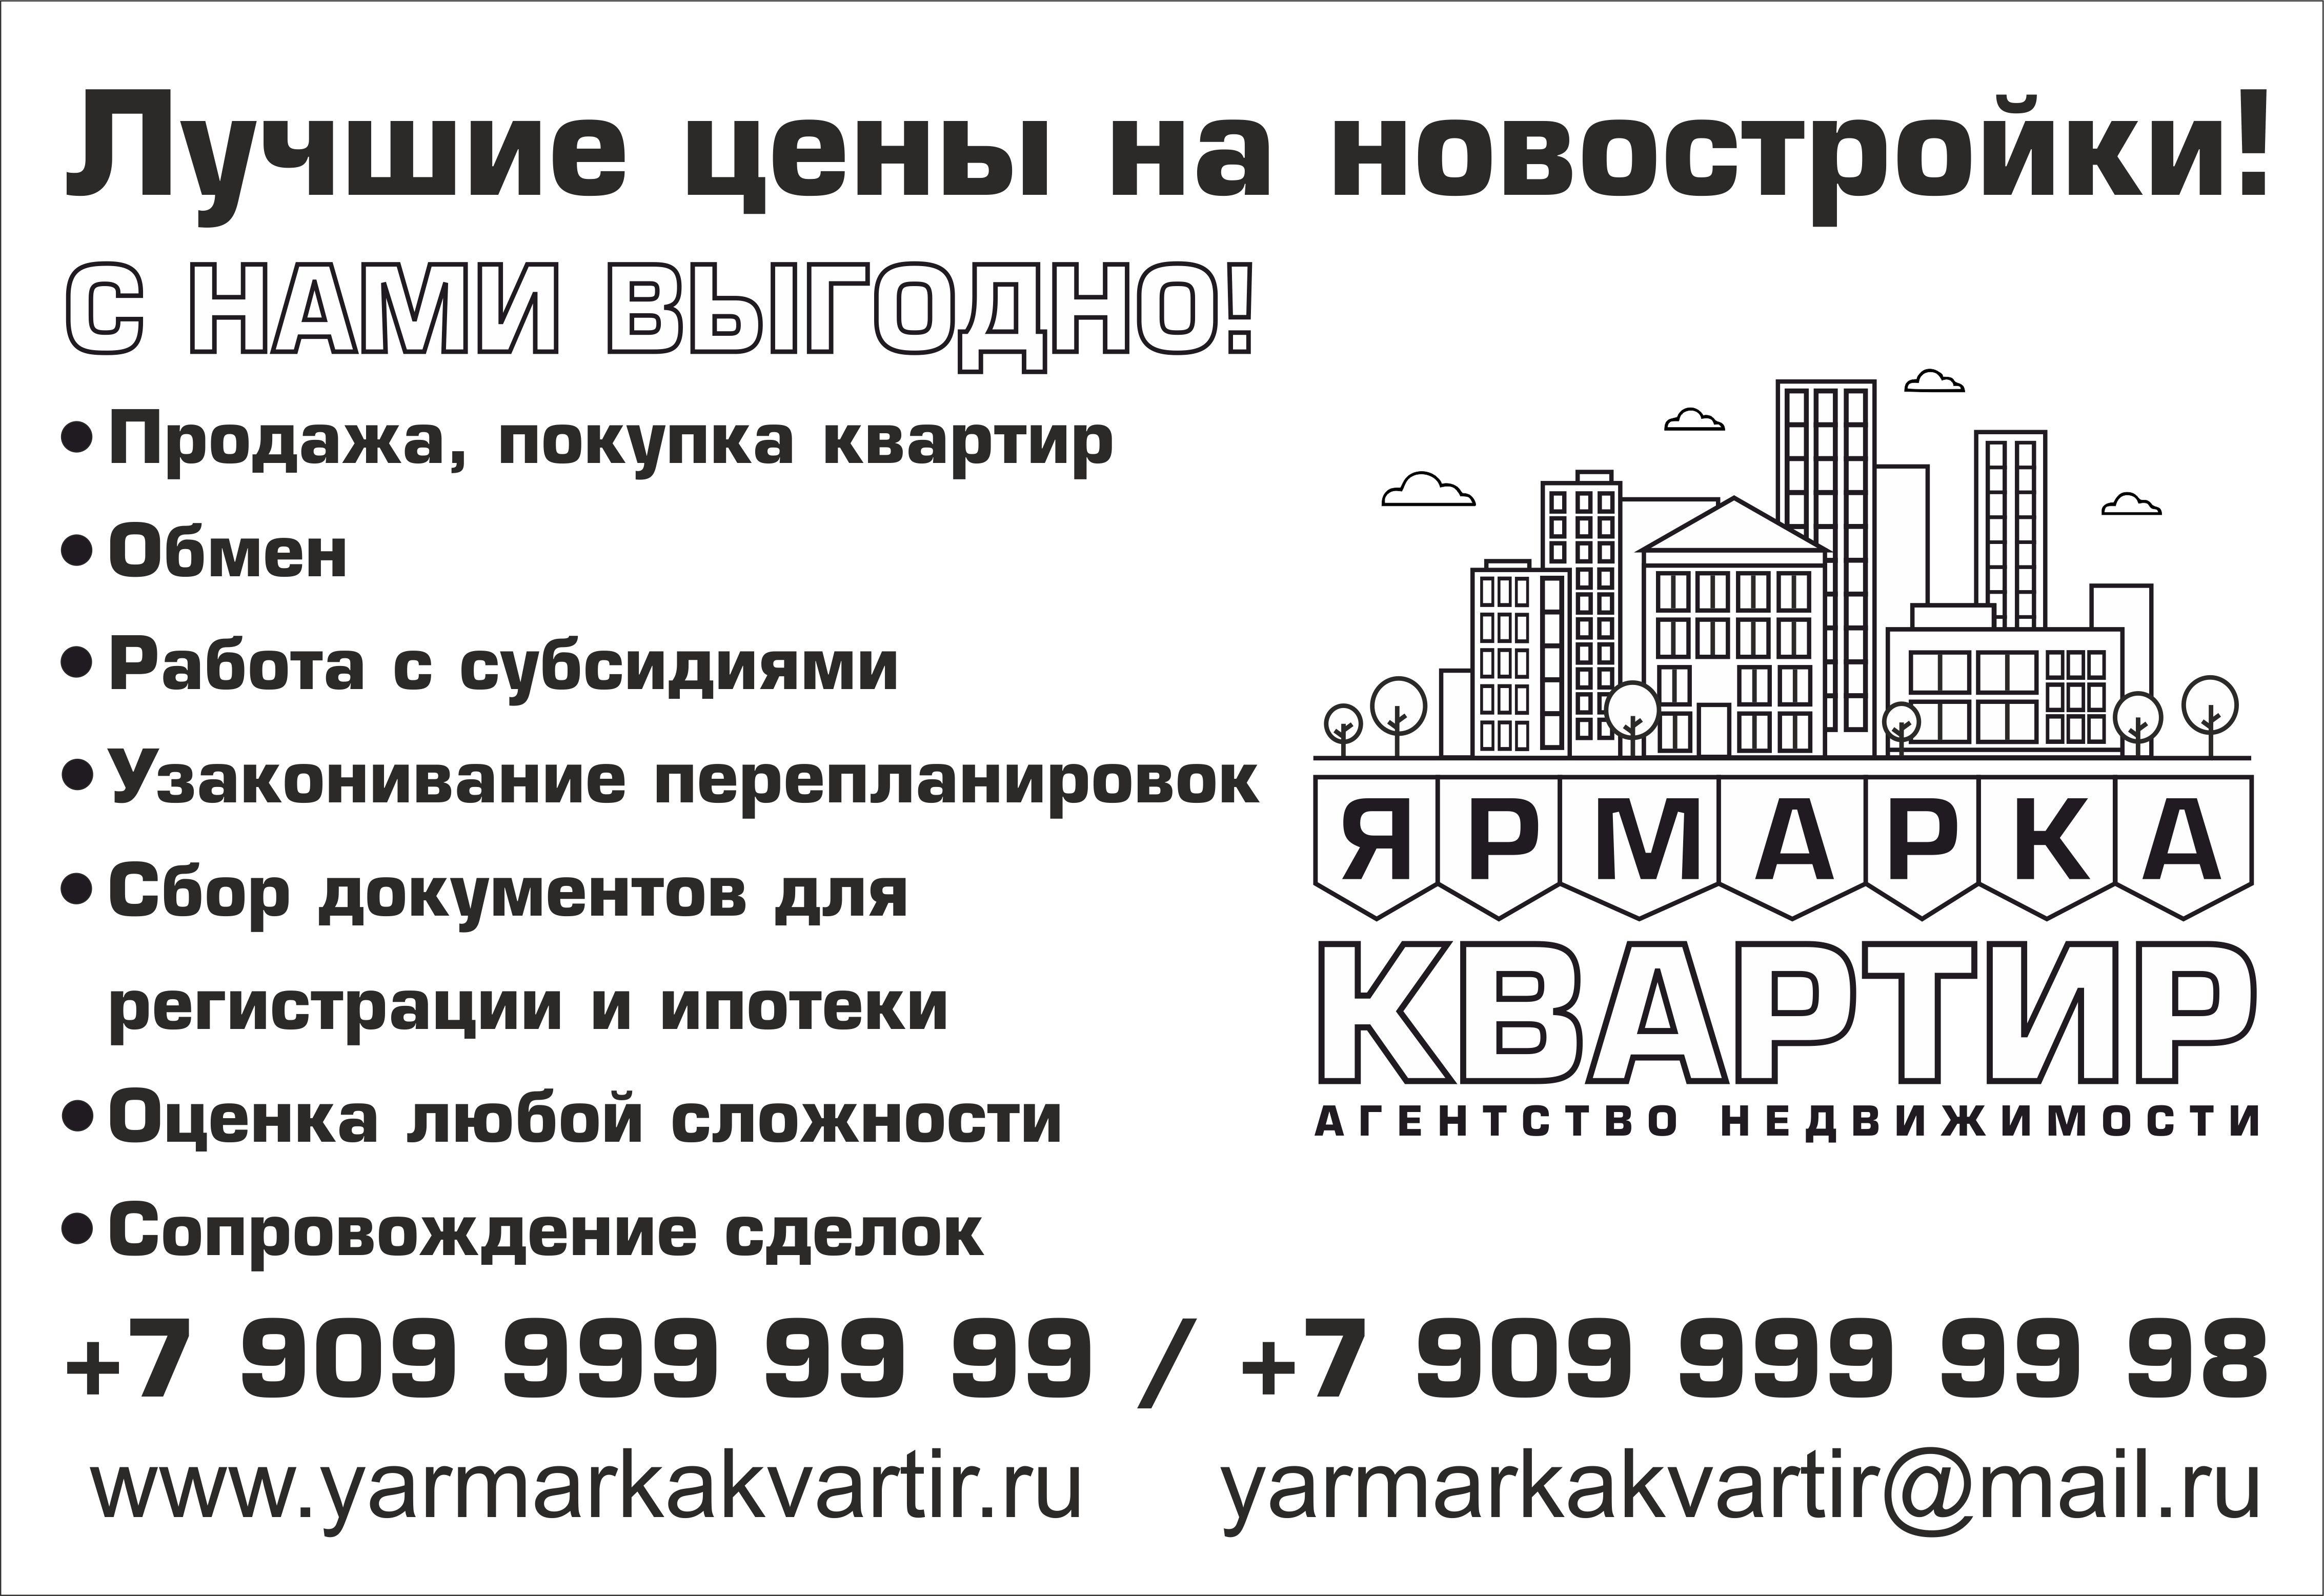 Создание логотипа, с вариантами для визитки и листовки фото f_09660085881d05a8.jpg